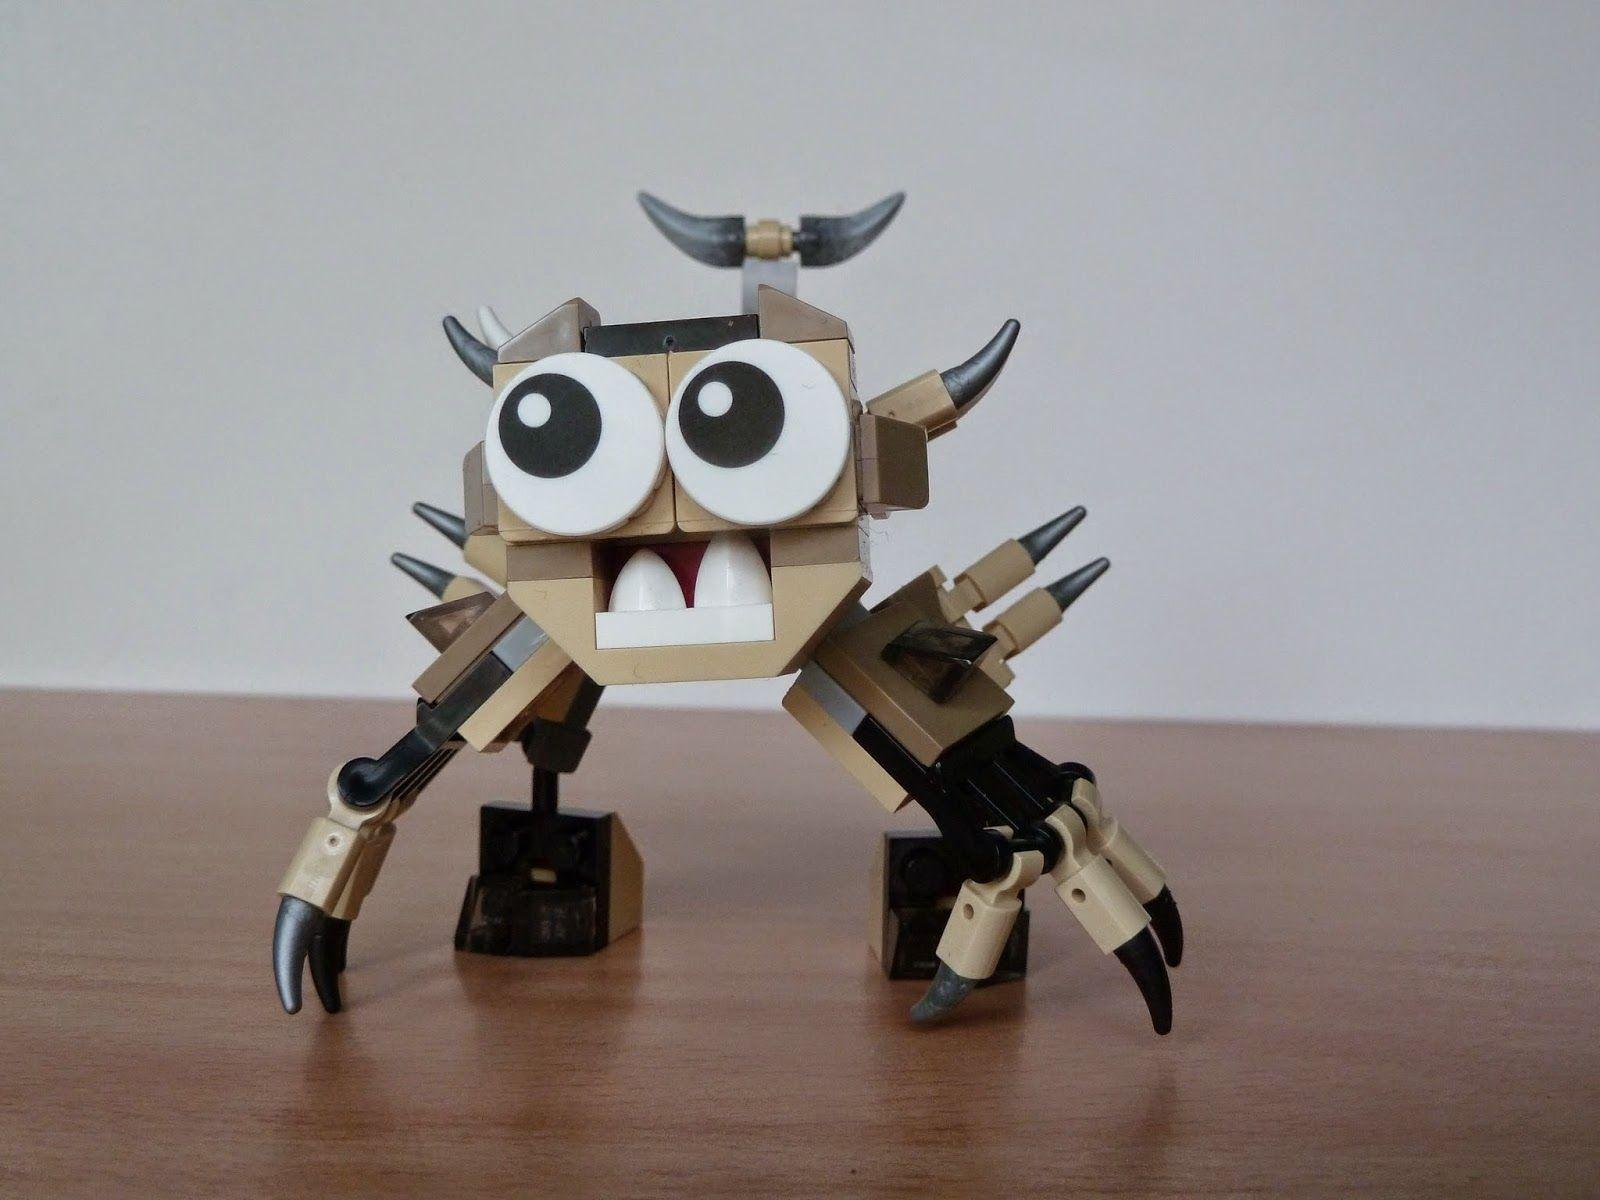 Totobricks: SCORPI HOOGI MIX LEGO MIXELS Série 3 Lego 41522 Lego 41523 http://www.totobricks.com/2015/01/scorpi-hoogi-mix-lego-mixels-serie-3.html